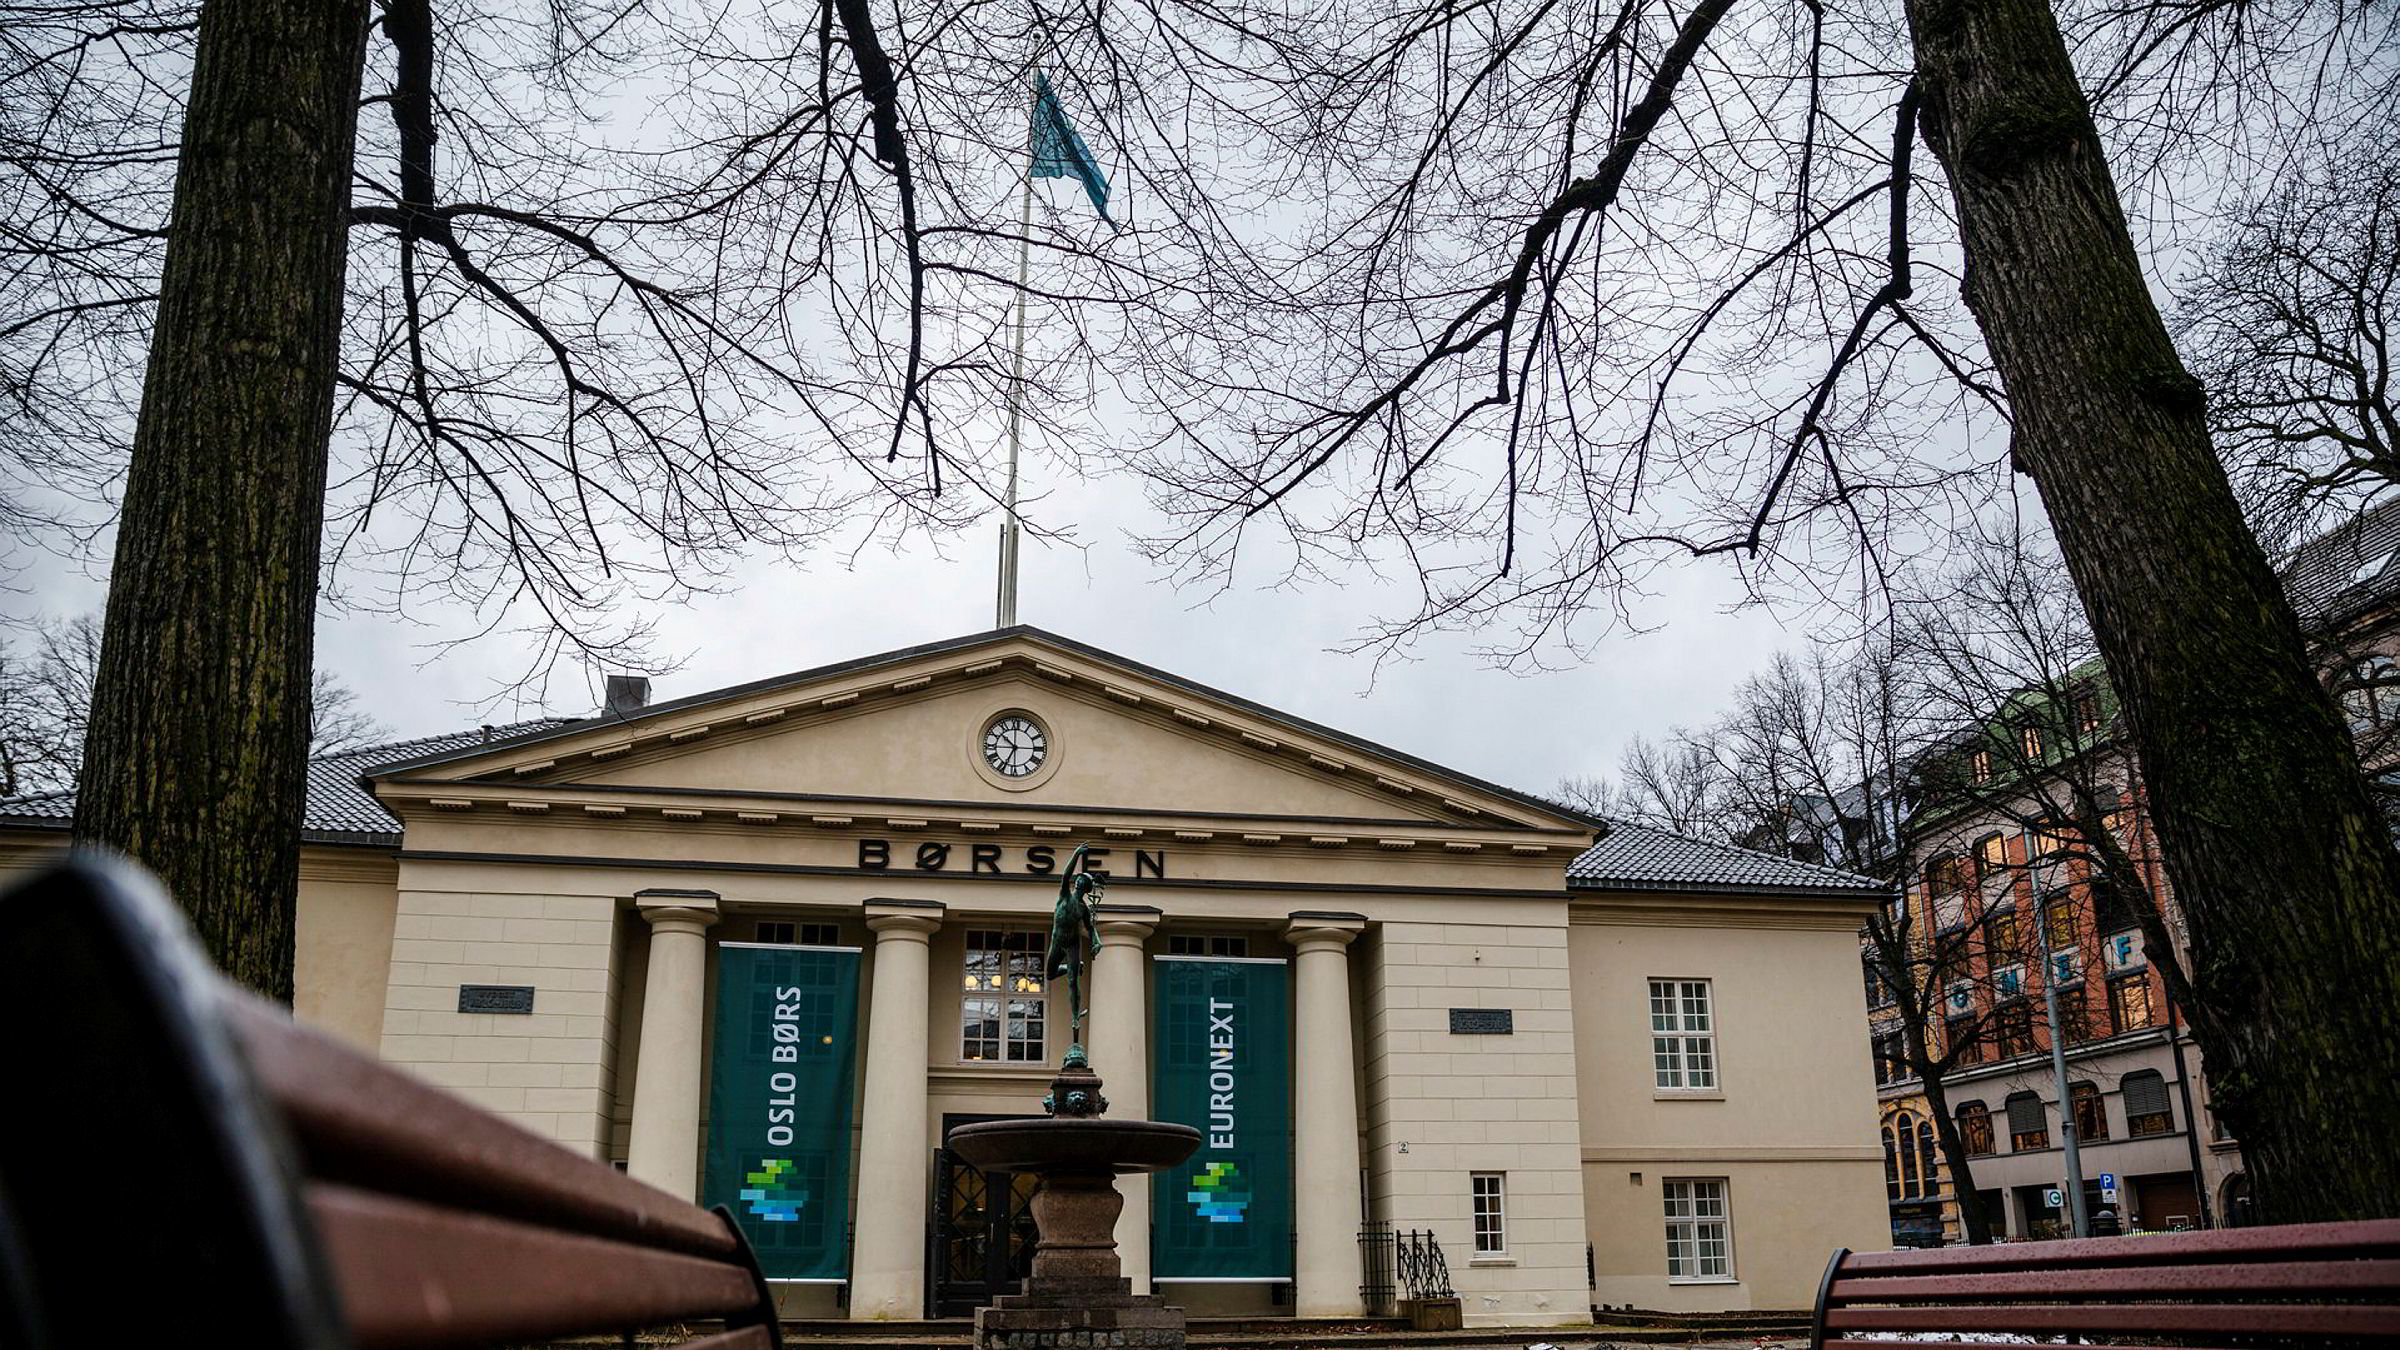 Vi må til finanskrisen i 2008 for å finne større børsfall enn det vi nå ser på Oslo Børs.